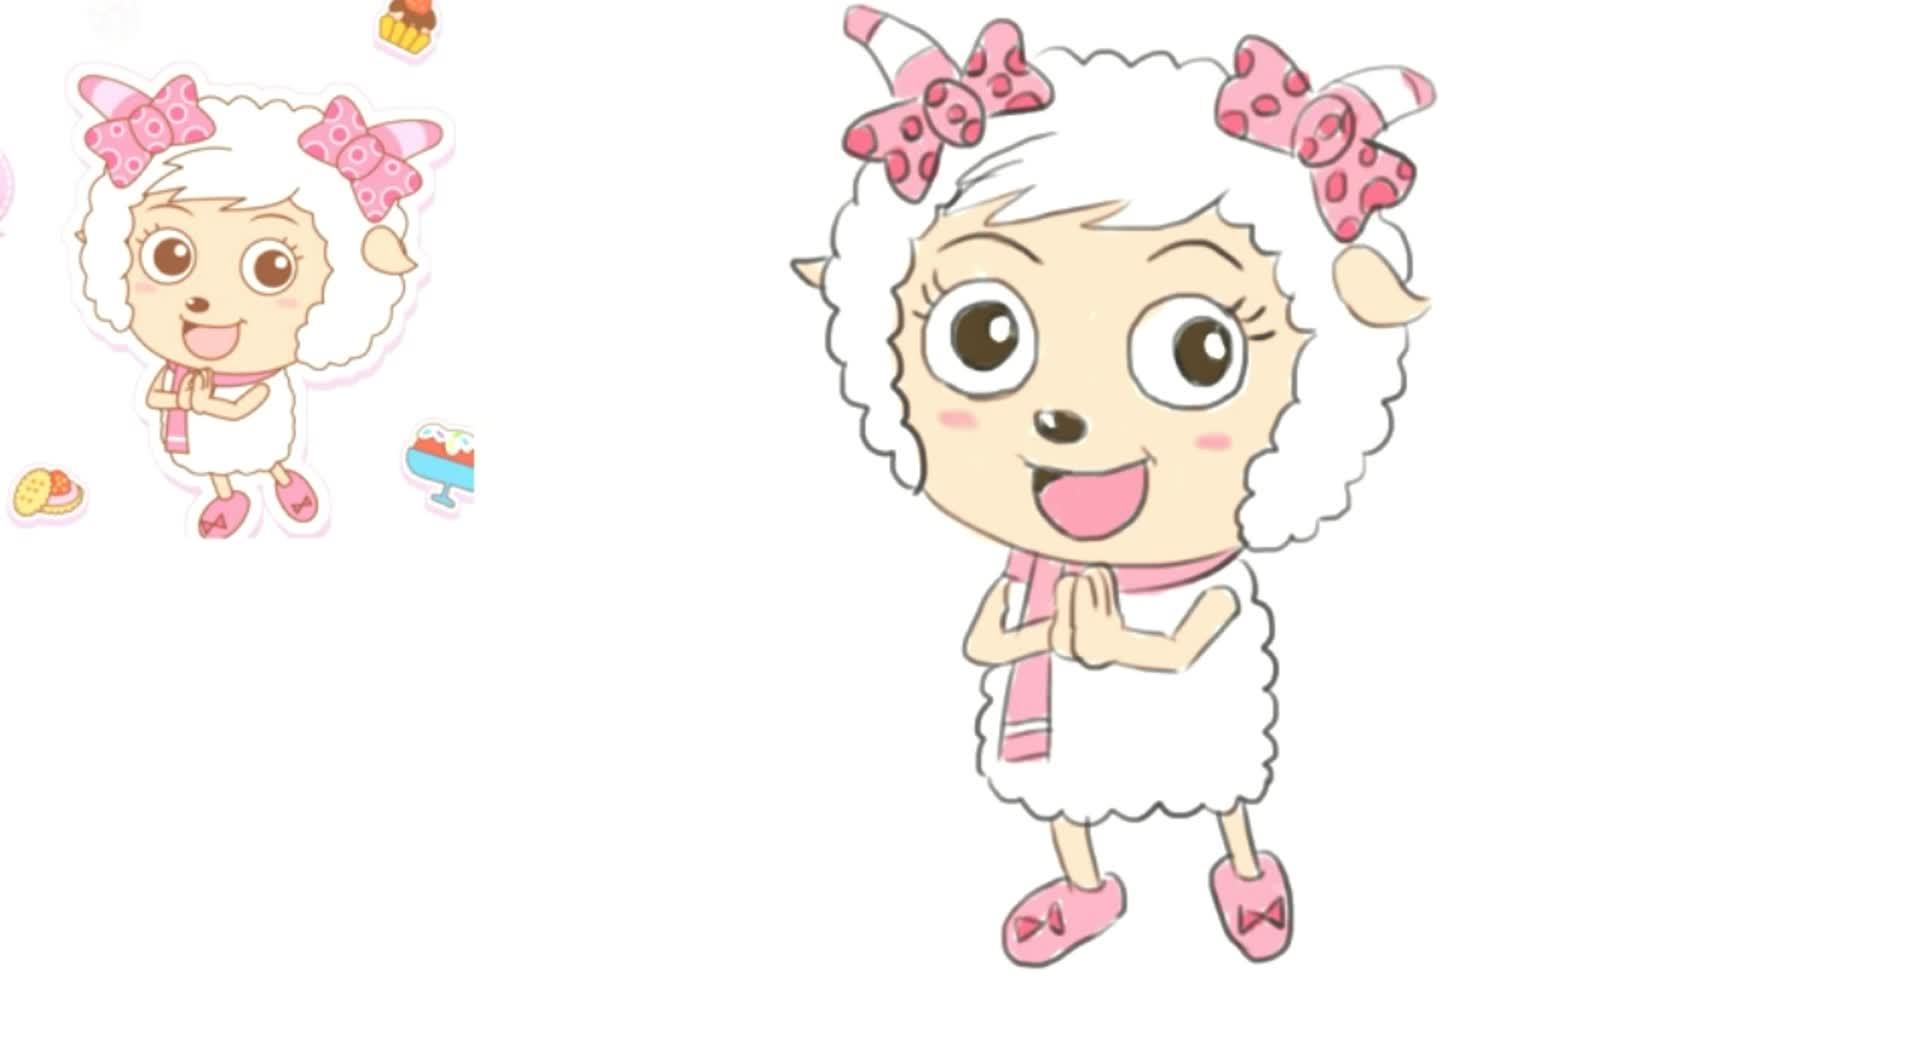 《喜羊羊与灰太狼》中的美羊羊卡通形象绘画教程